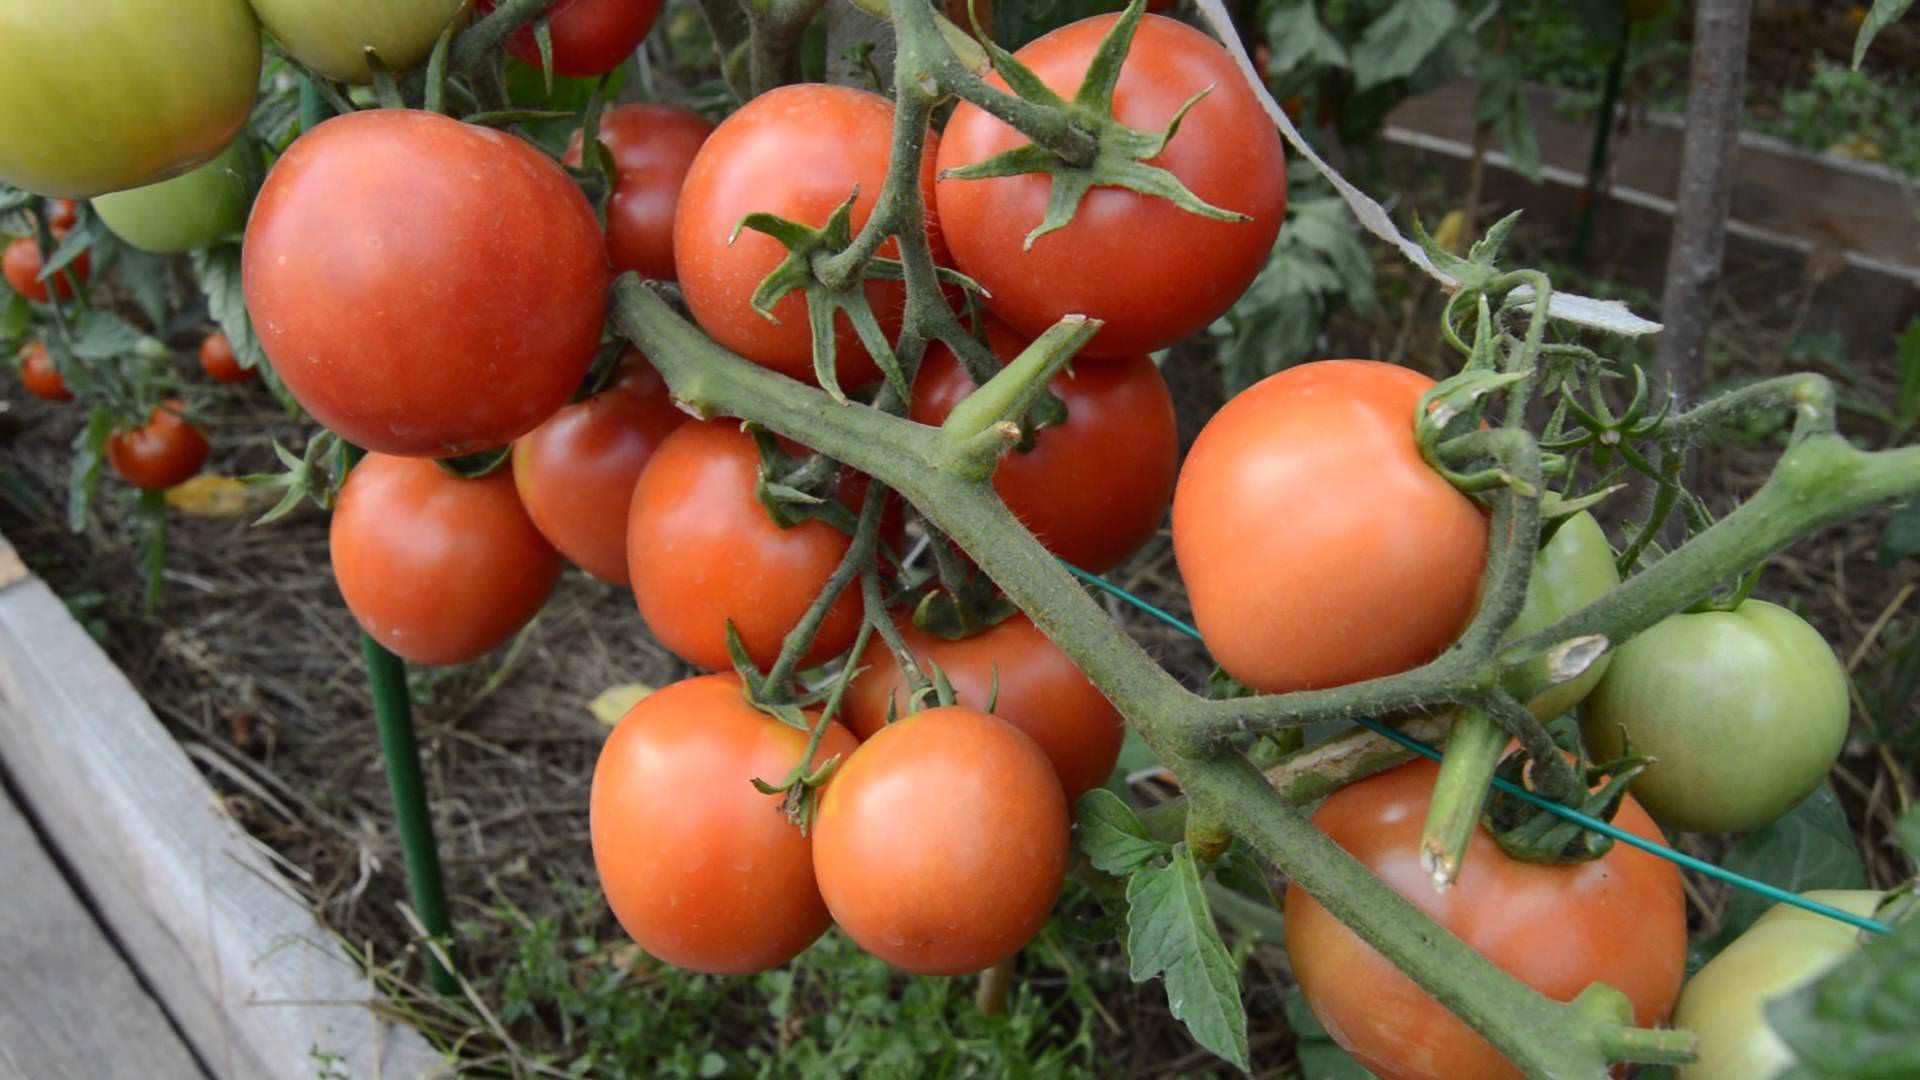 Помидоры для северо-запада: лучшие сорта томатов, отзывы.